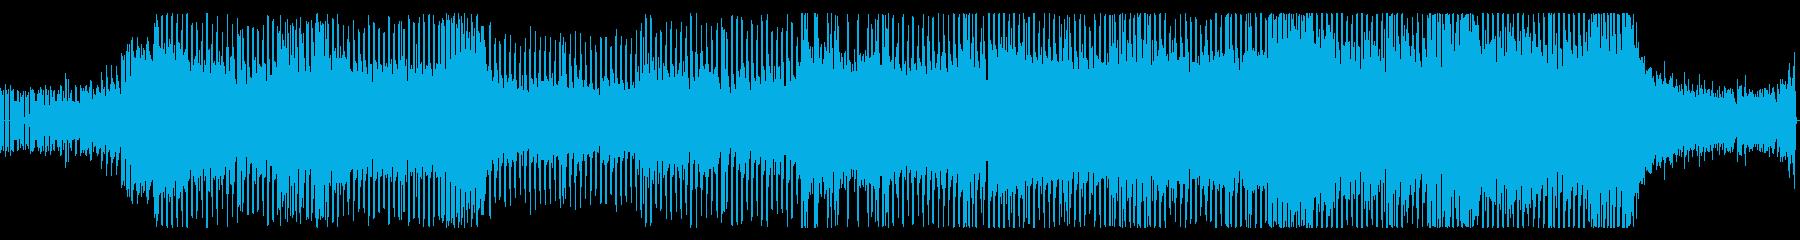 シンセが絡み合う明るいポップスの再生済みの波形